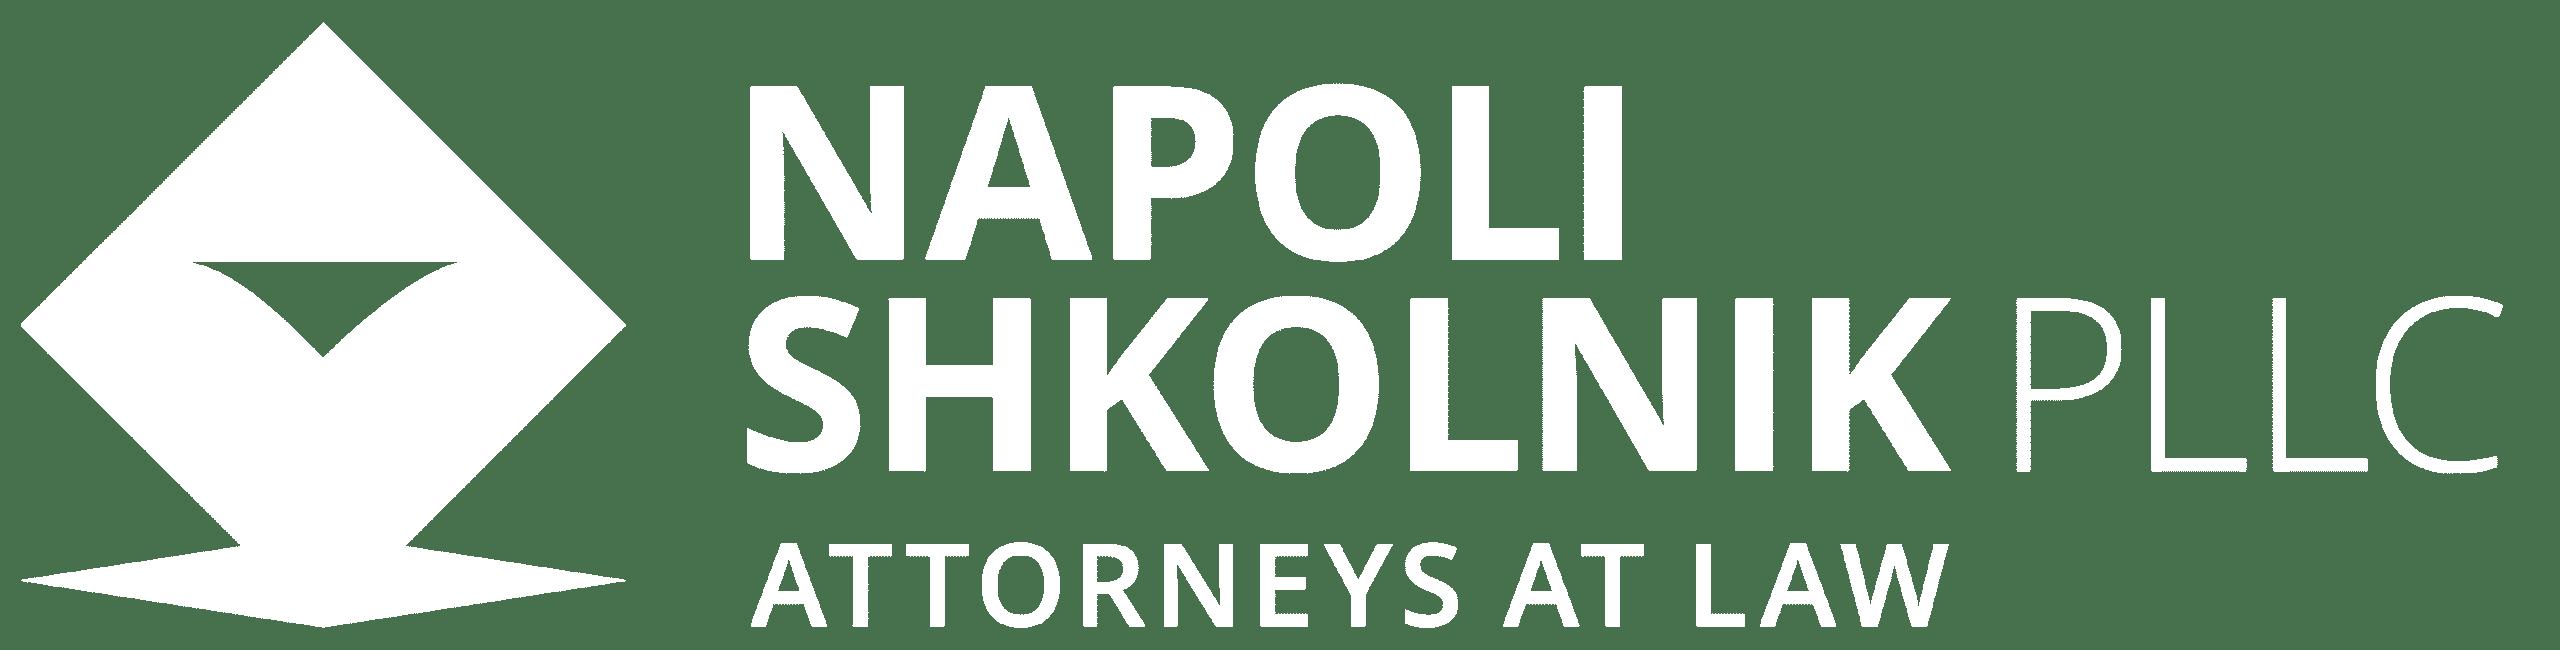 Napoli Law - Napoli Shkolnik, PLLC